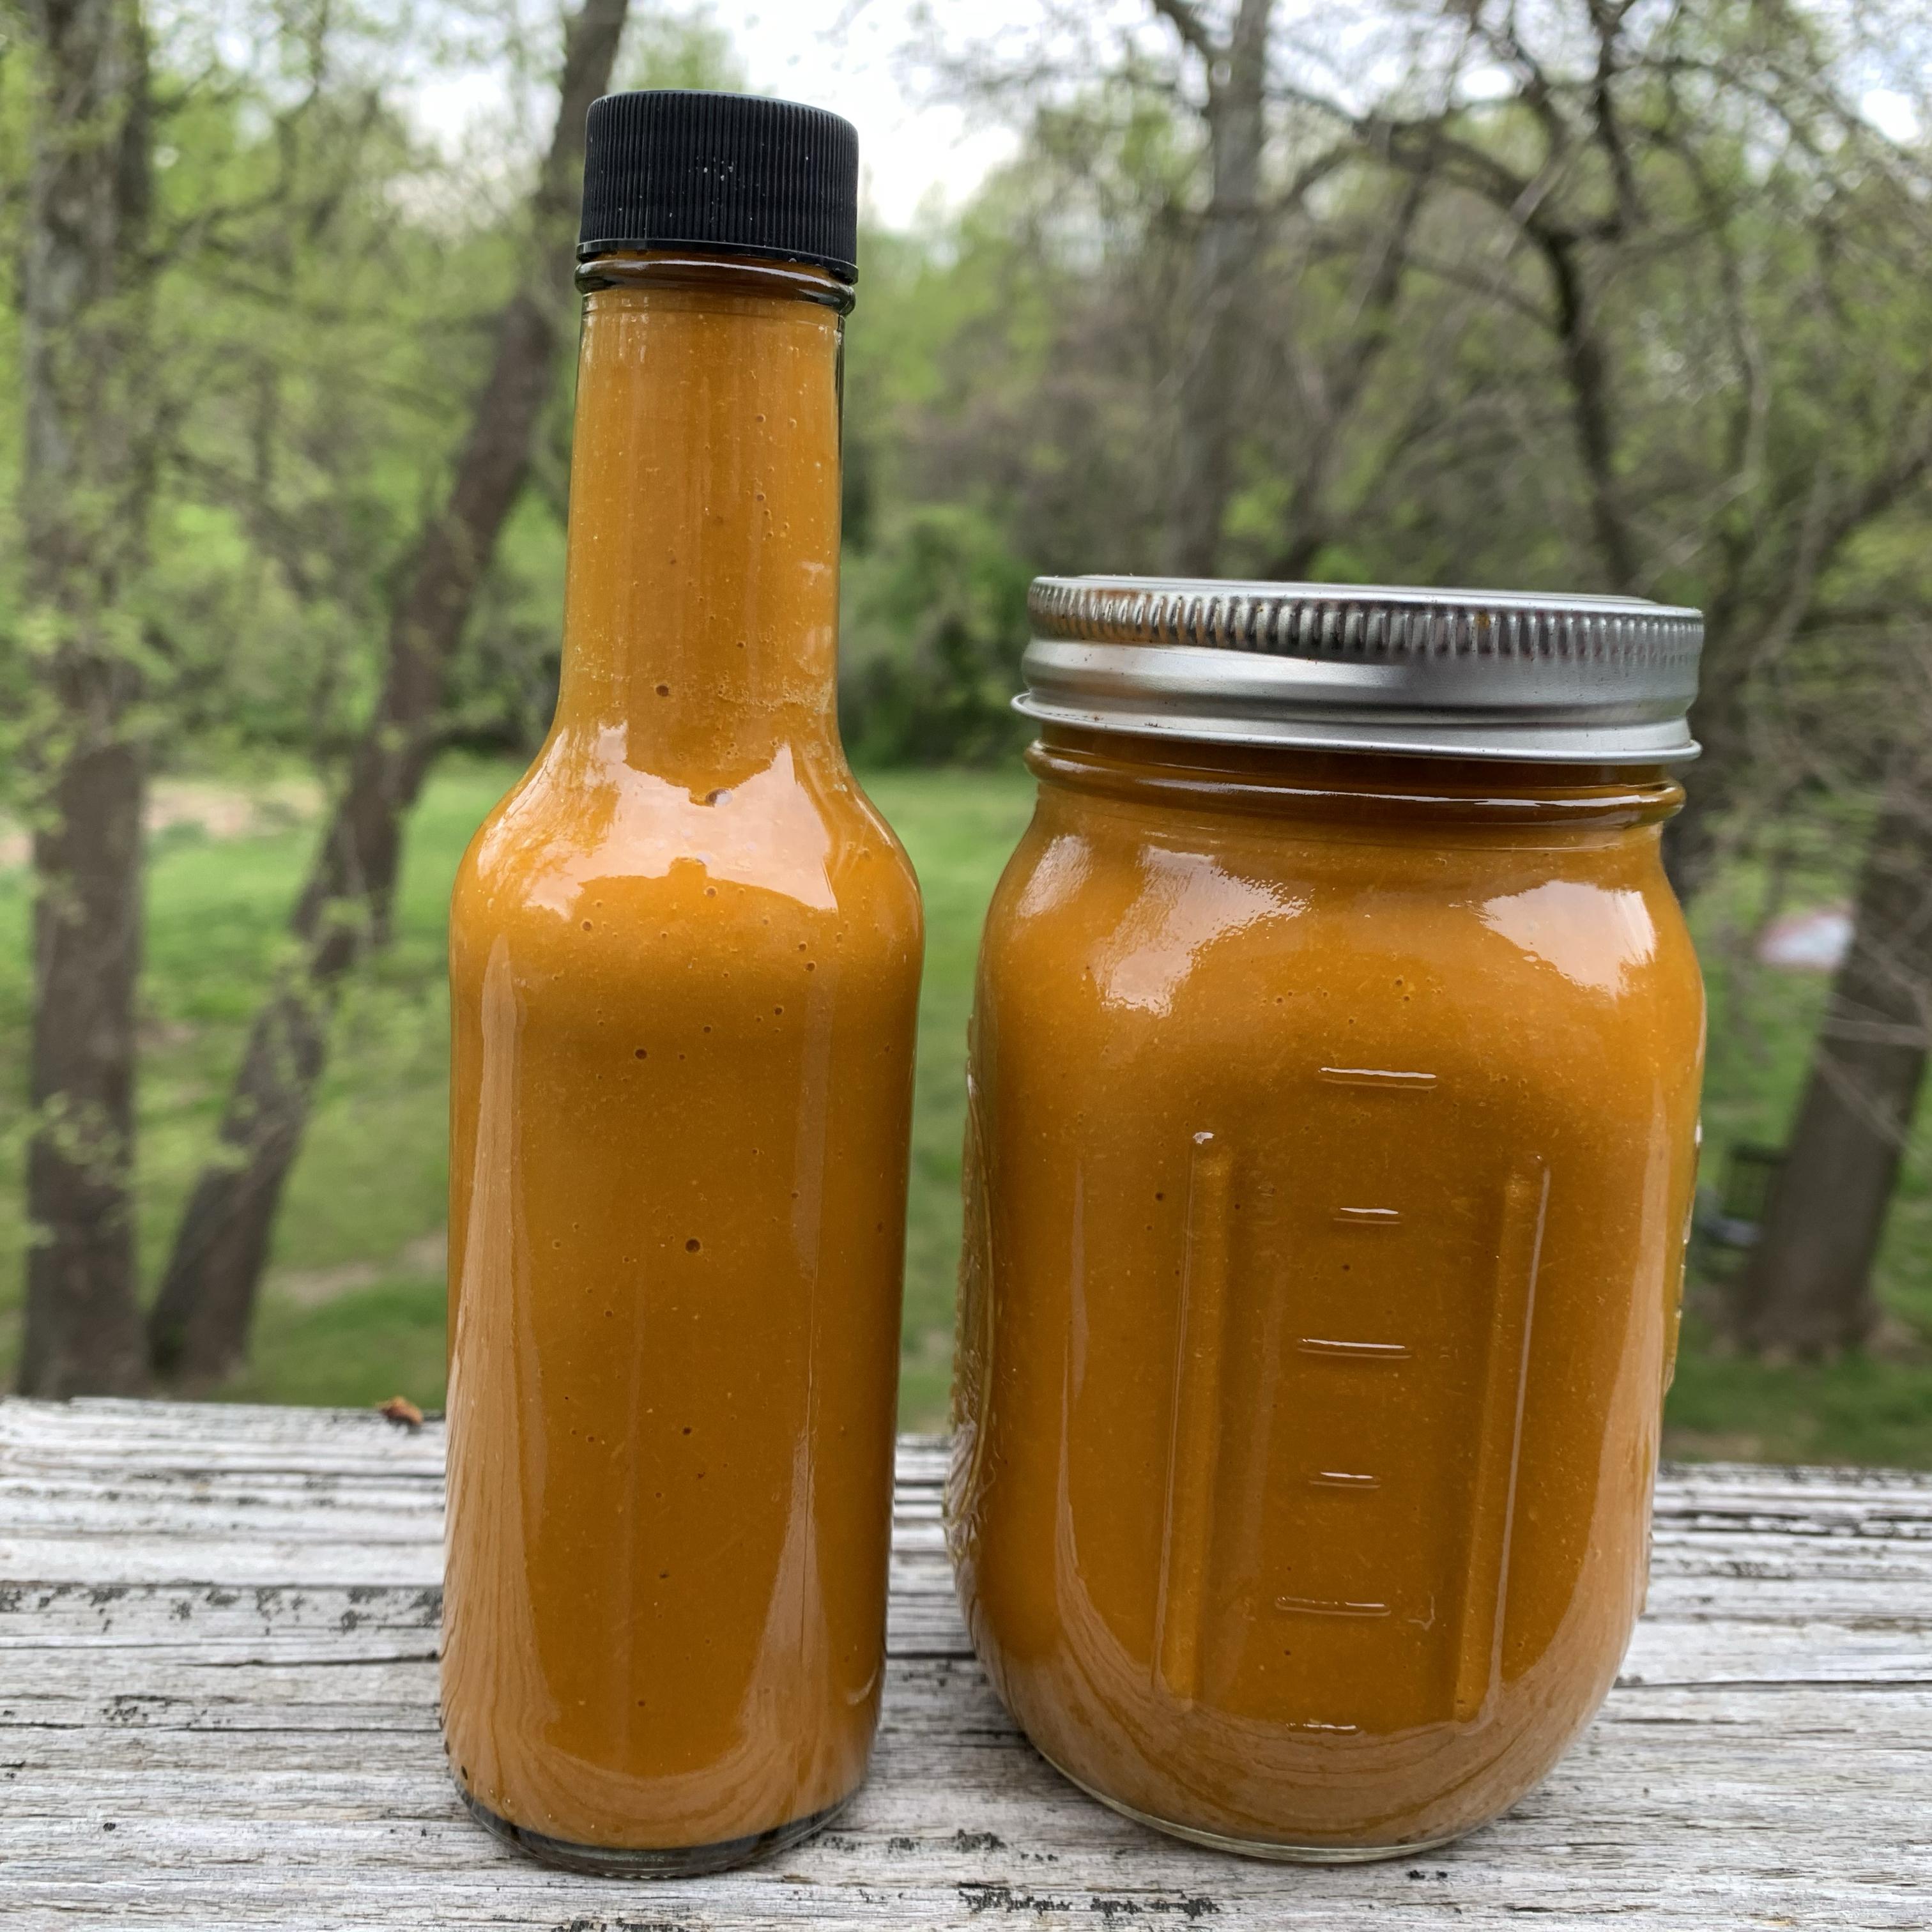 Scotch Bonnet Hot Sauce